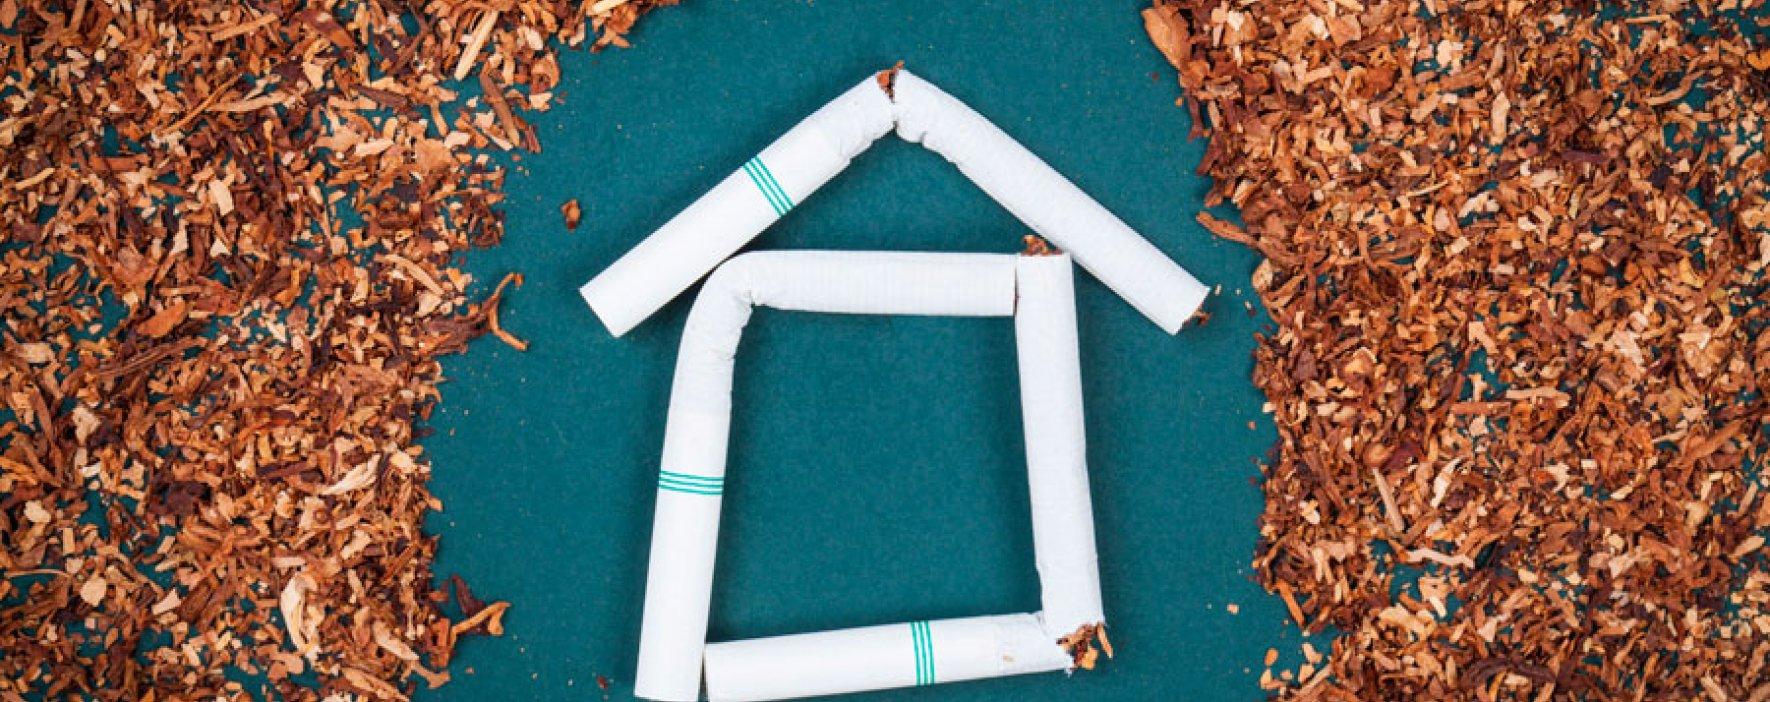 ¿Es posible fabricar ladrillos con colillas de cigarillo?